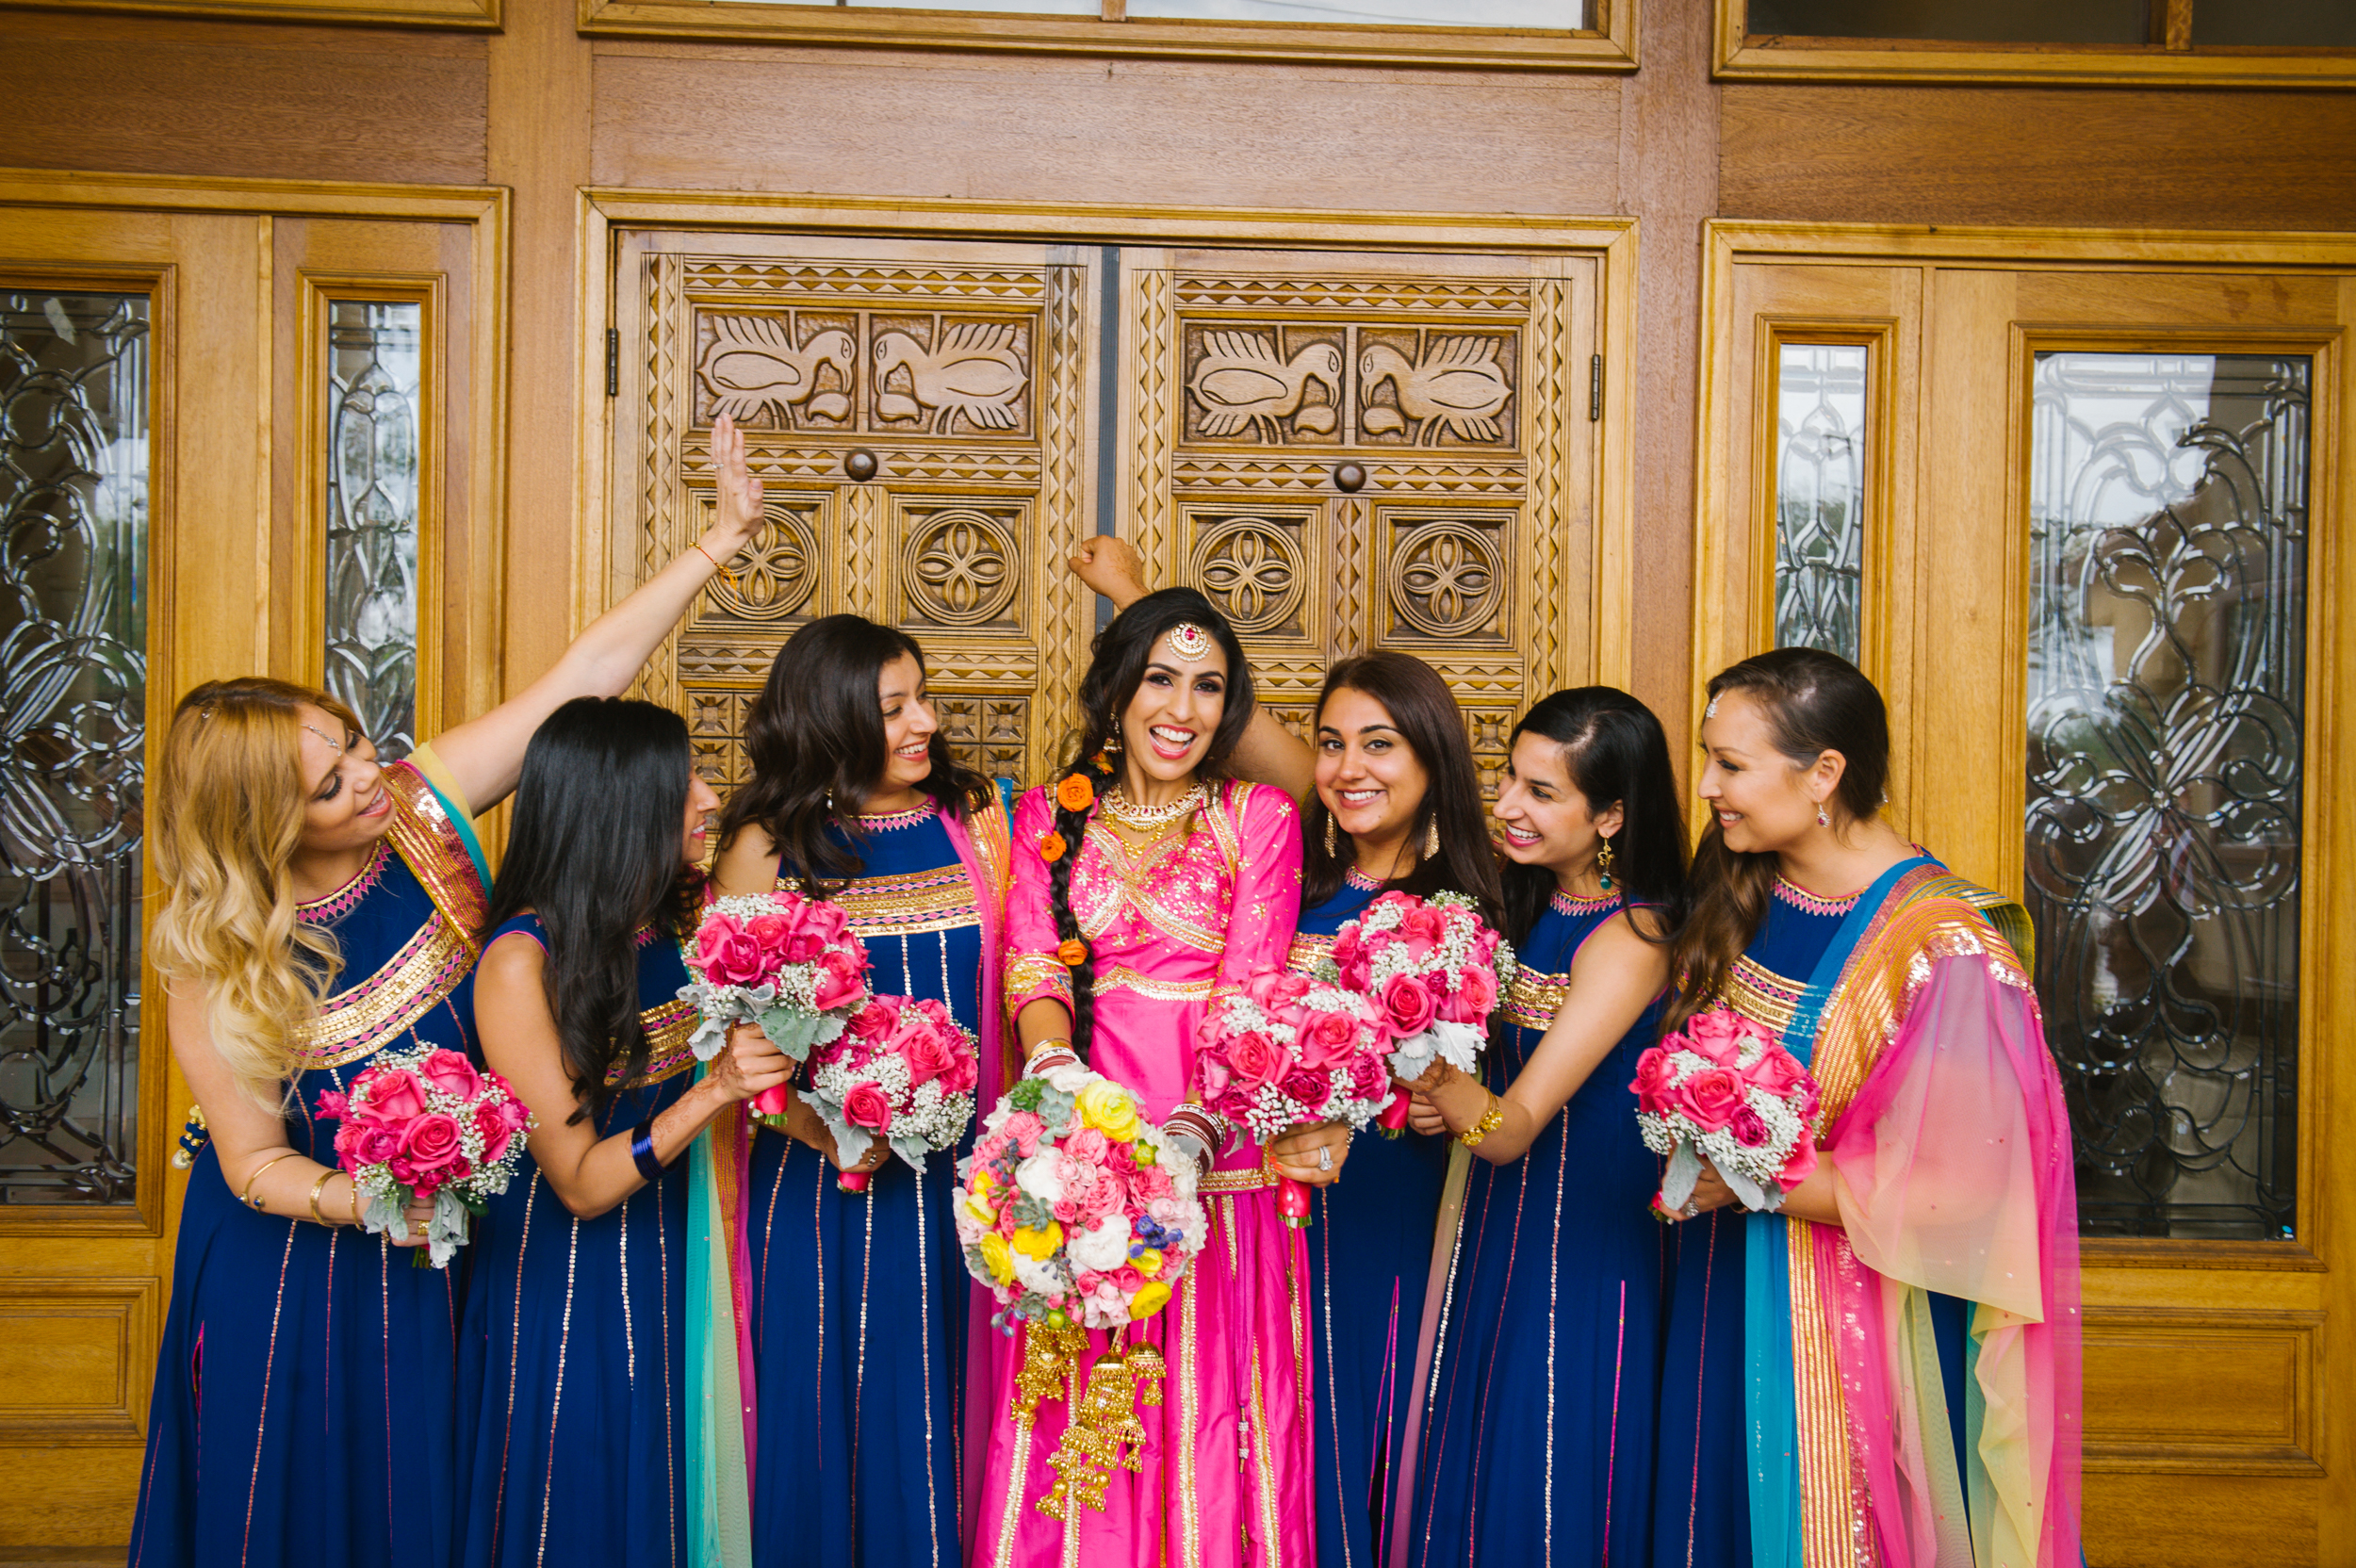 JKP_Indian_Weddings_0118.JPG